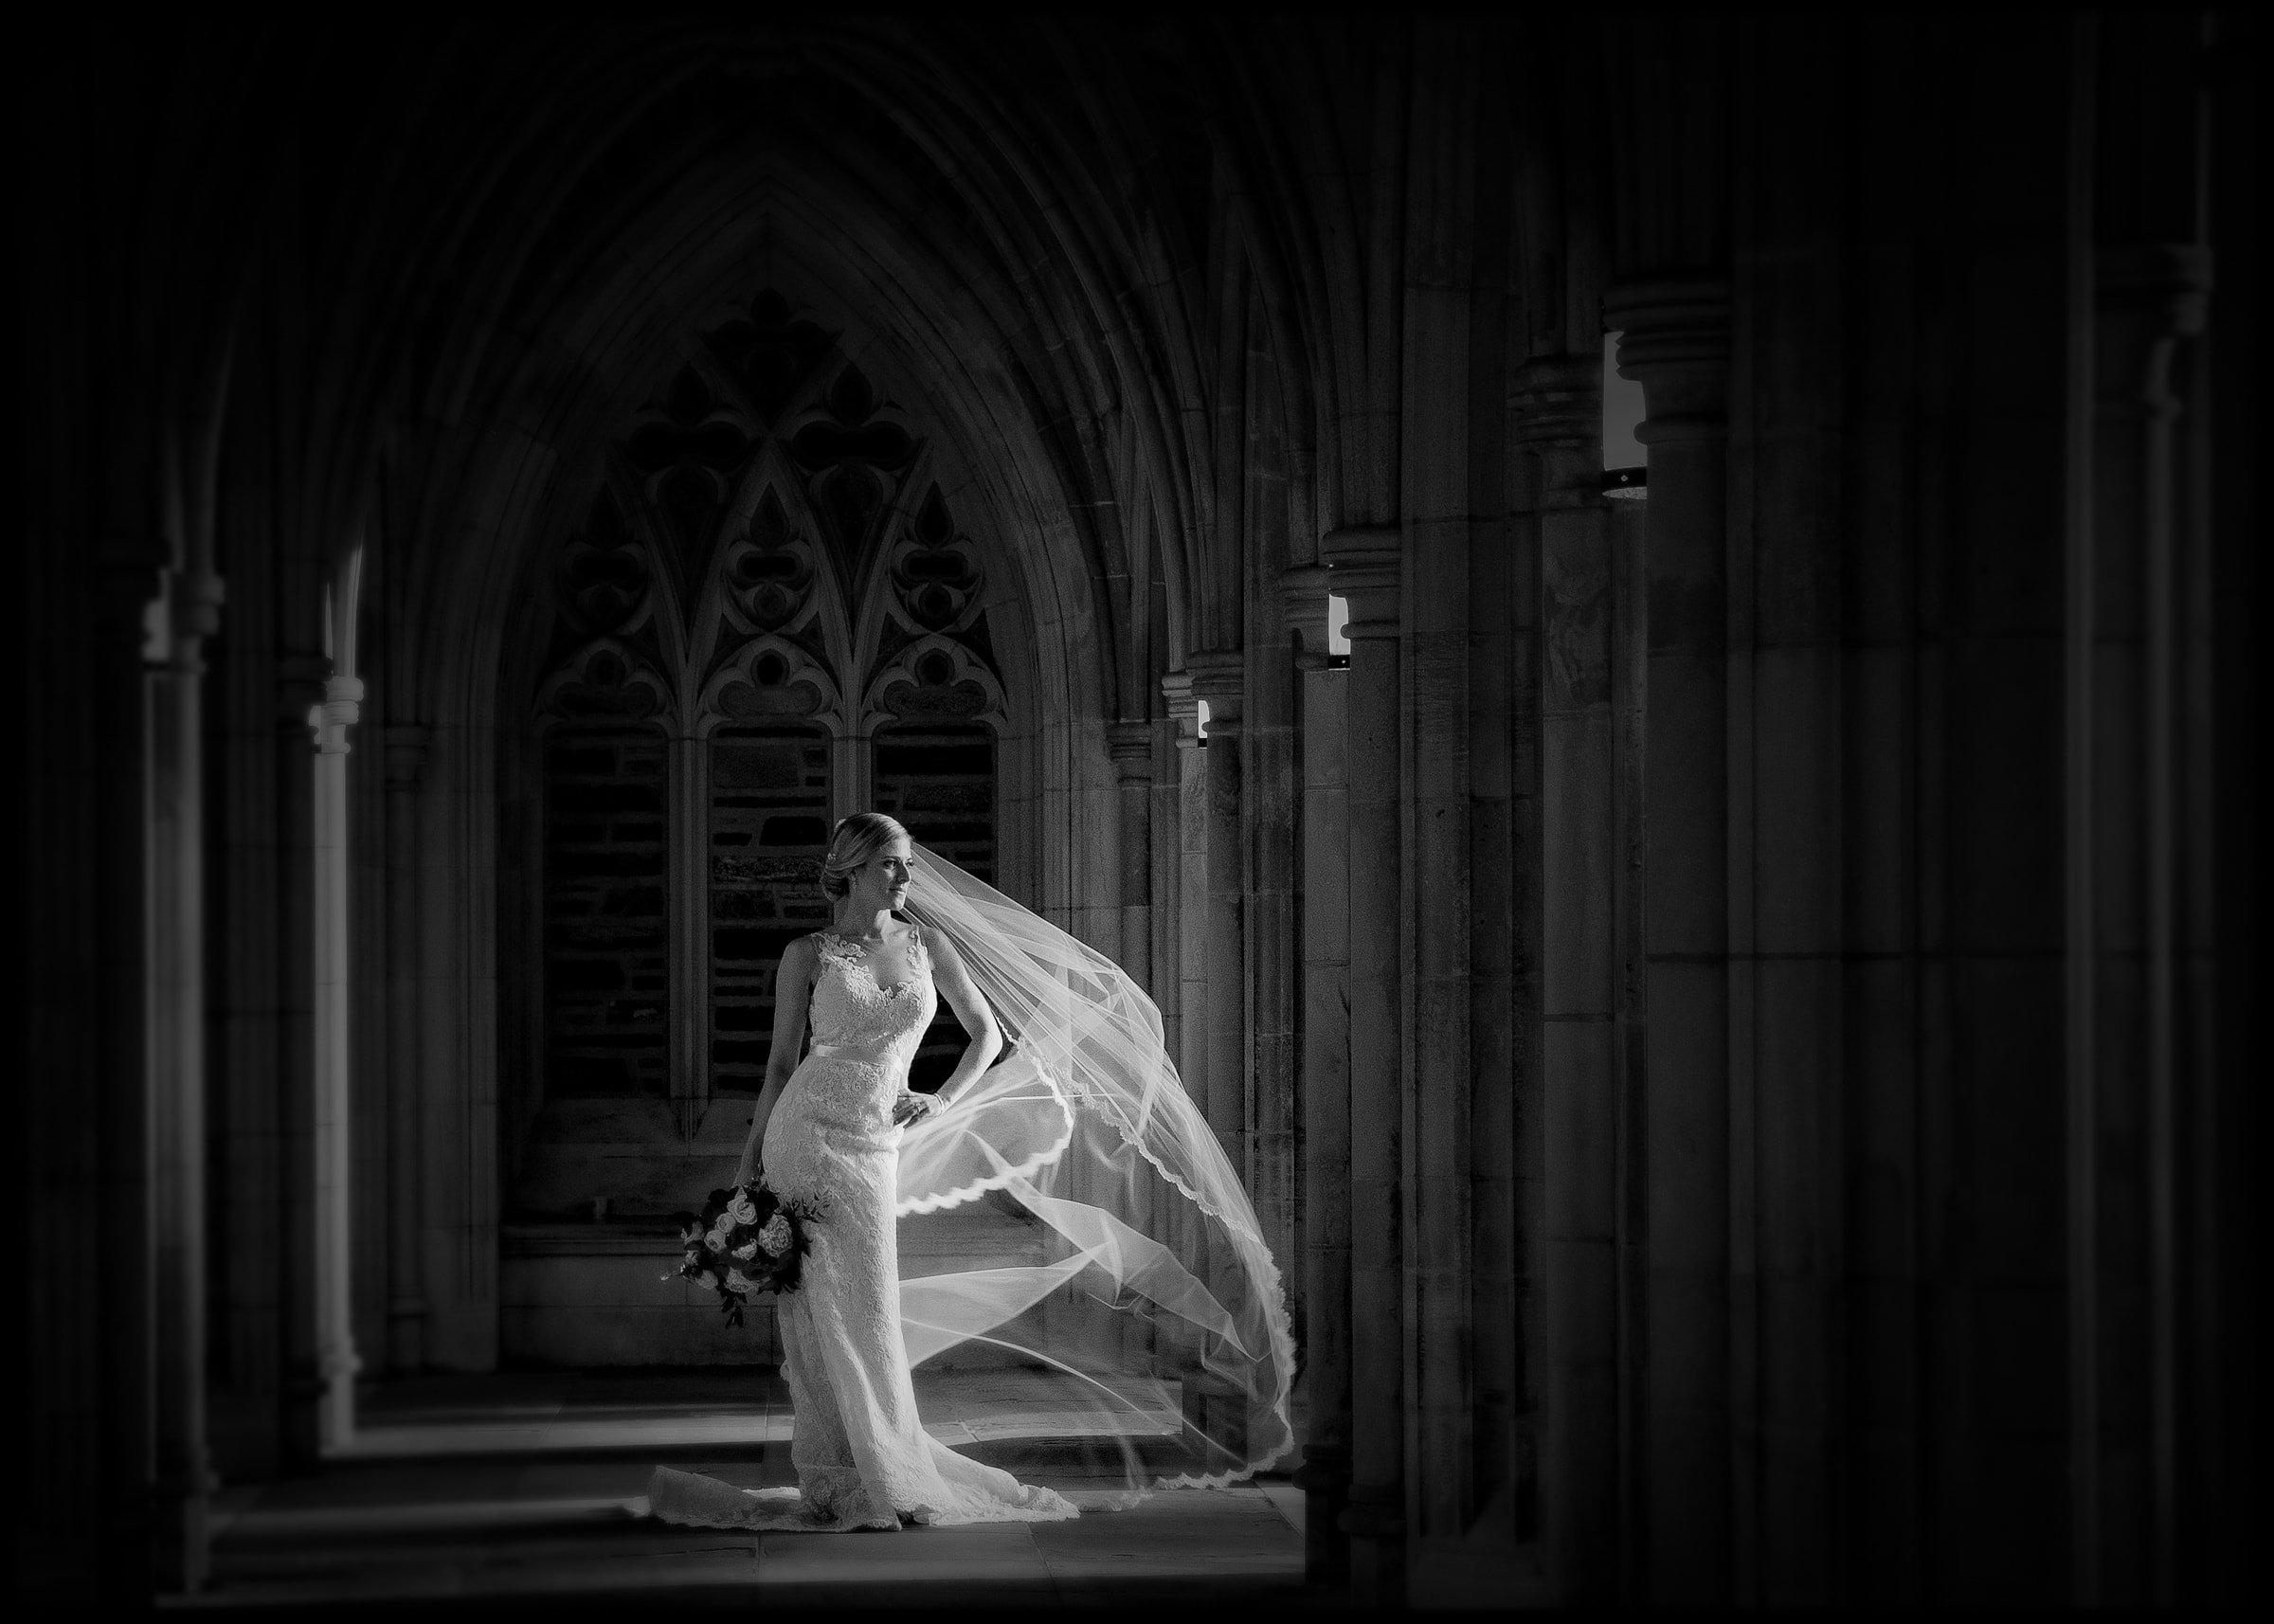 Duke Chapel Wedding Photo - B&W Bridal Portrait in Arcades with Billowing Veil